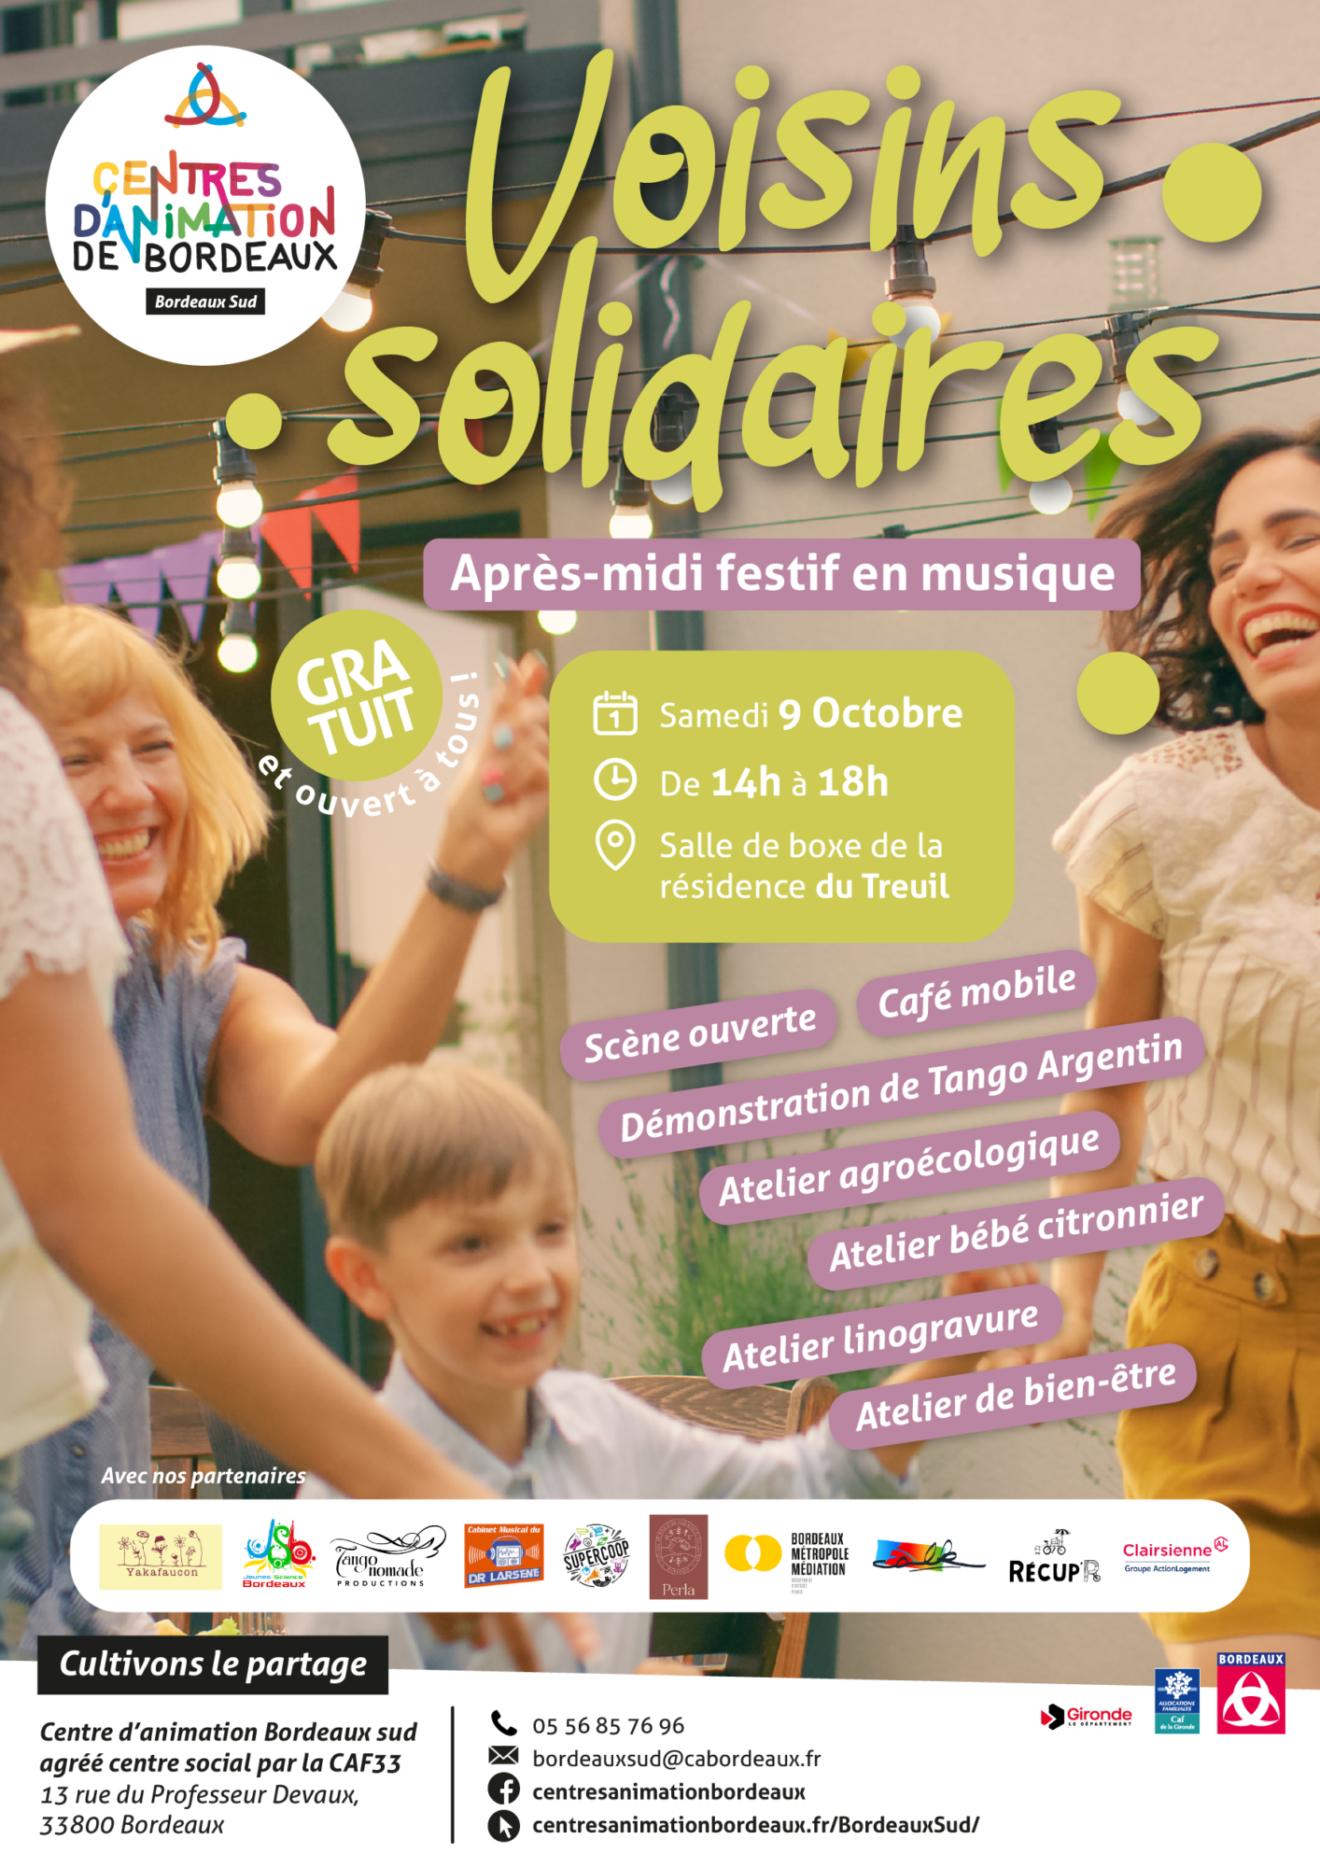 AFFICHE_voisins_solidaires-01